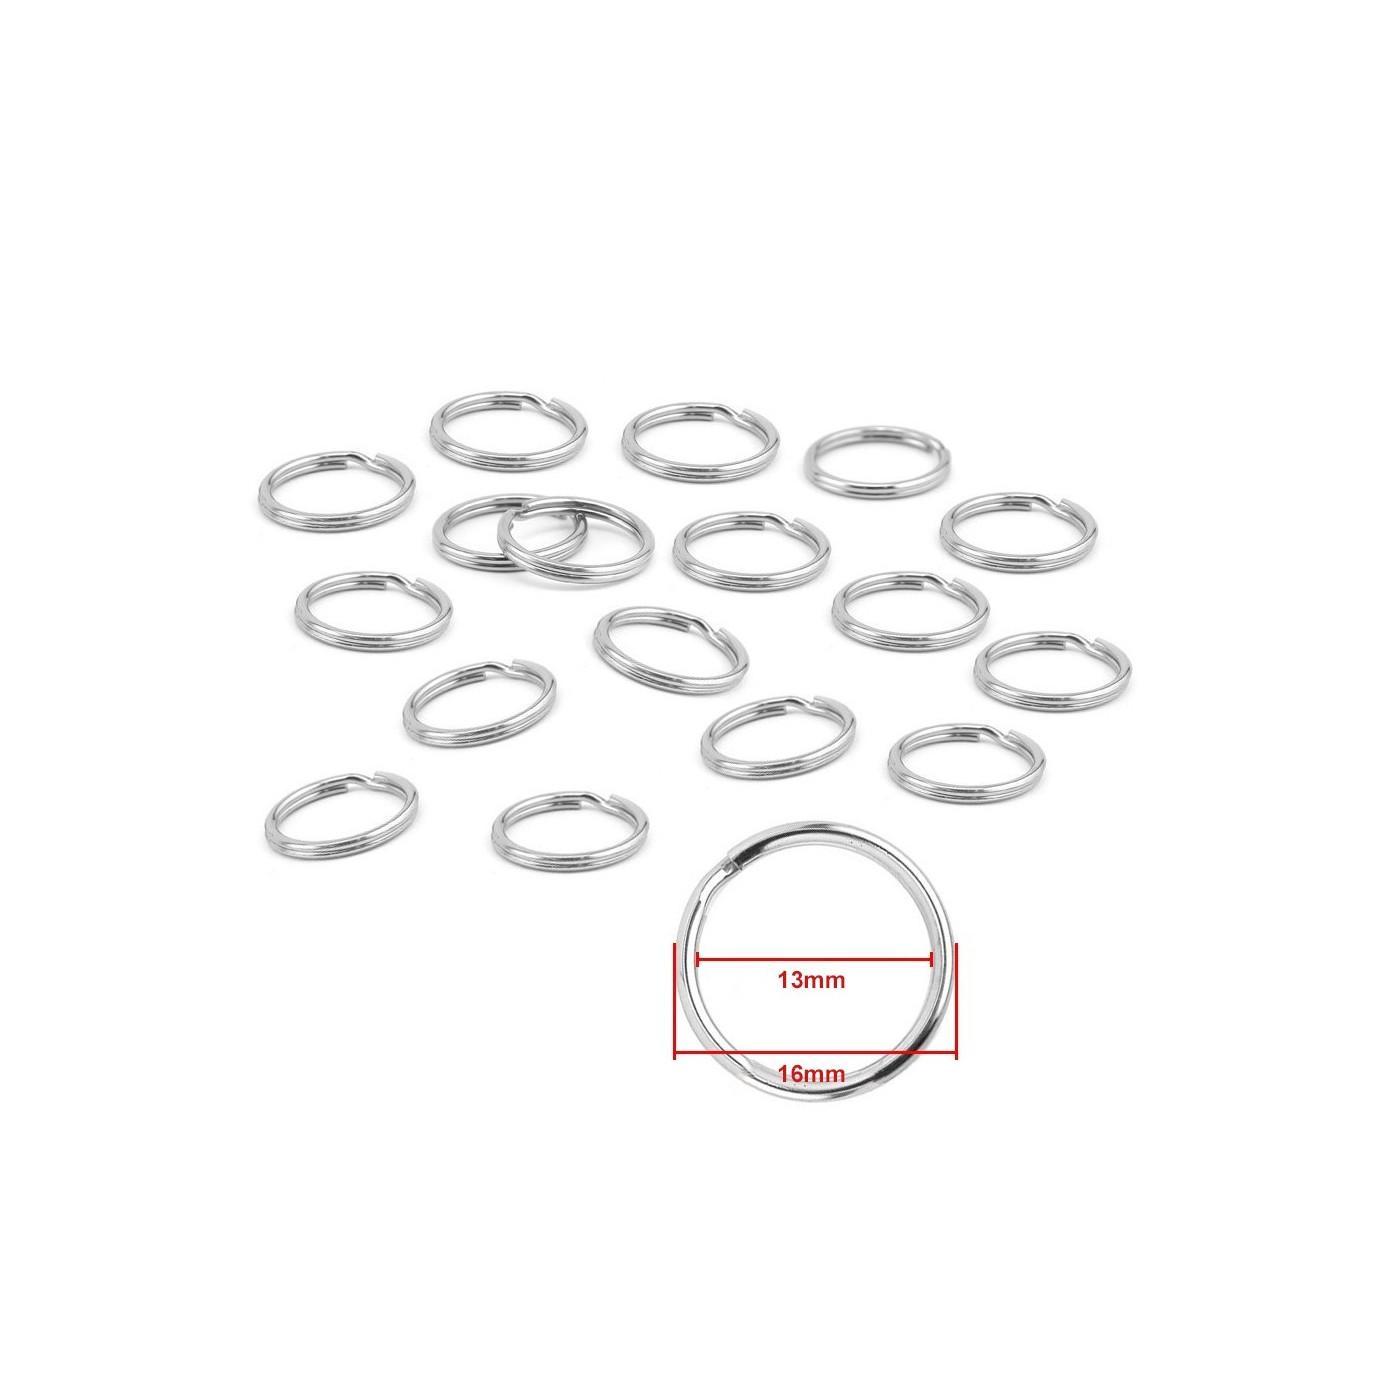 Set von 180 Schlüsselringen für Schlüsselringe (16 mm, vernickelt)  - 1